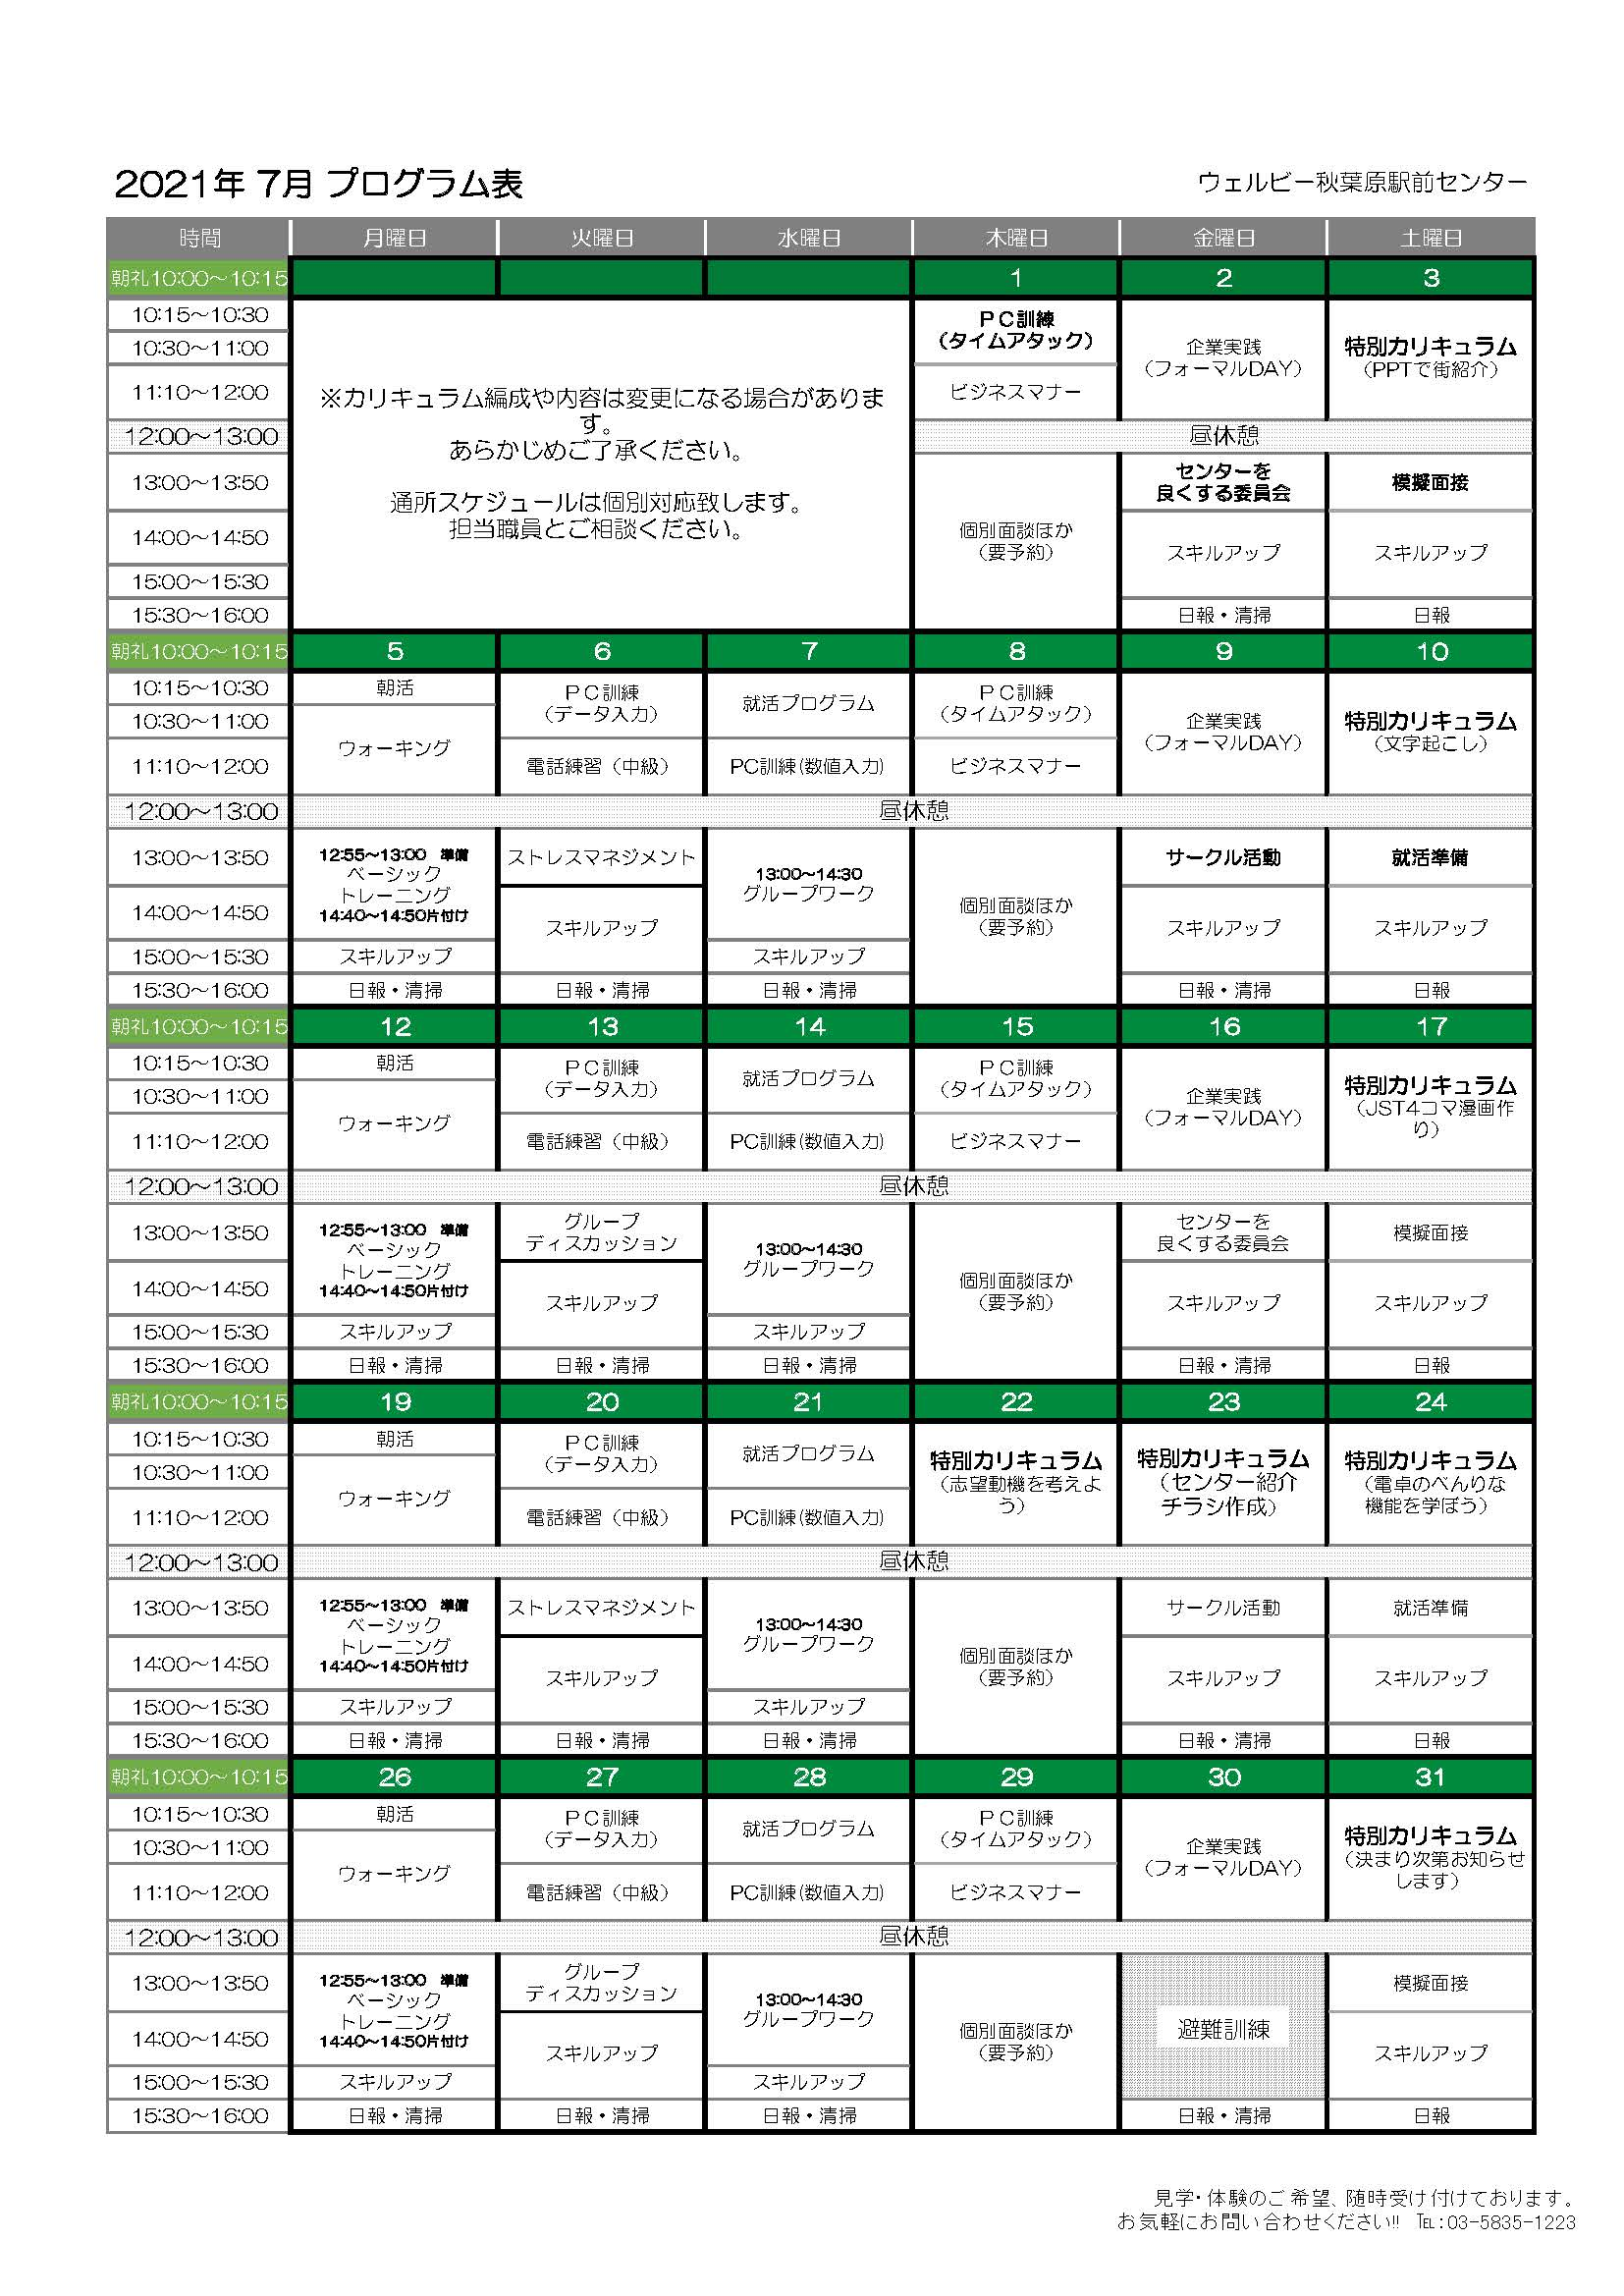 ウェルビー秋葉原駅前センター月間プログラム表(7月)